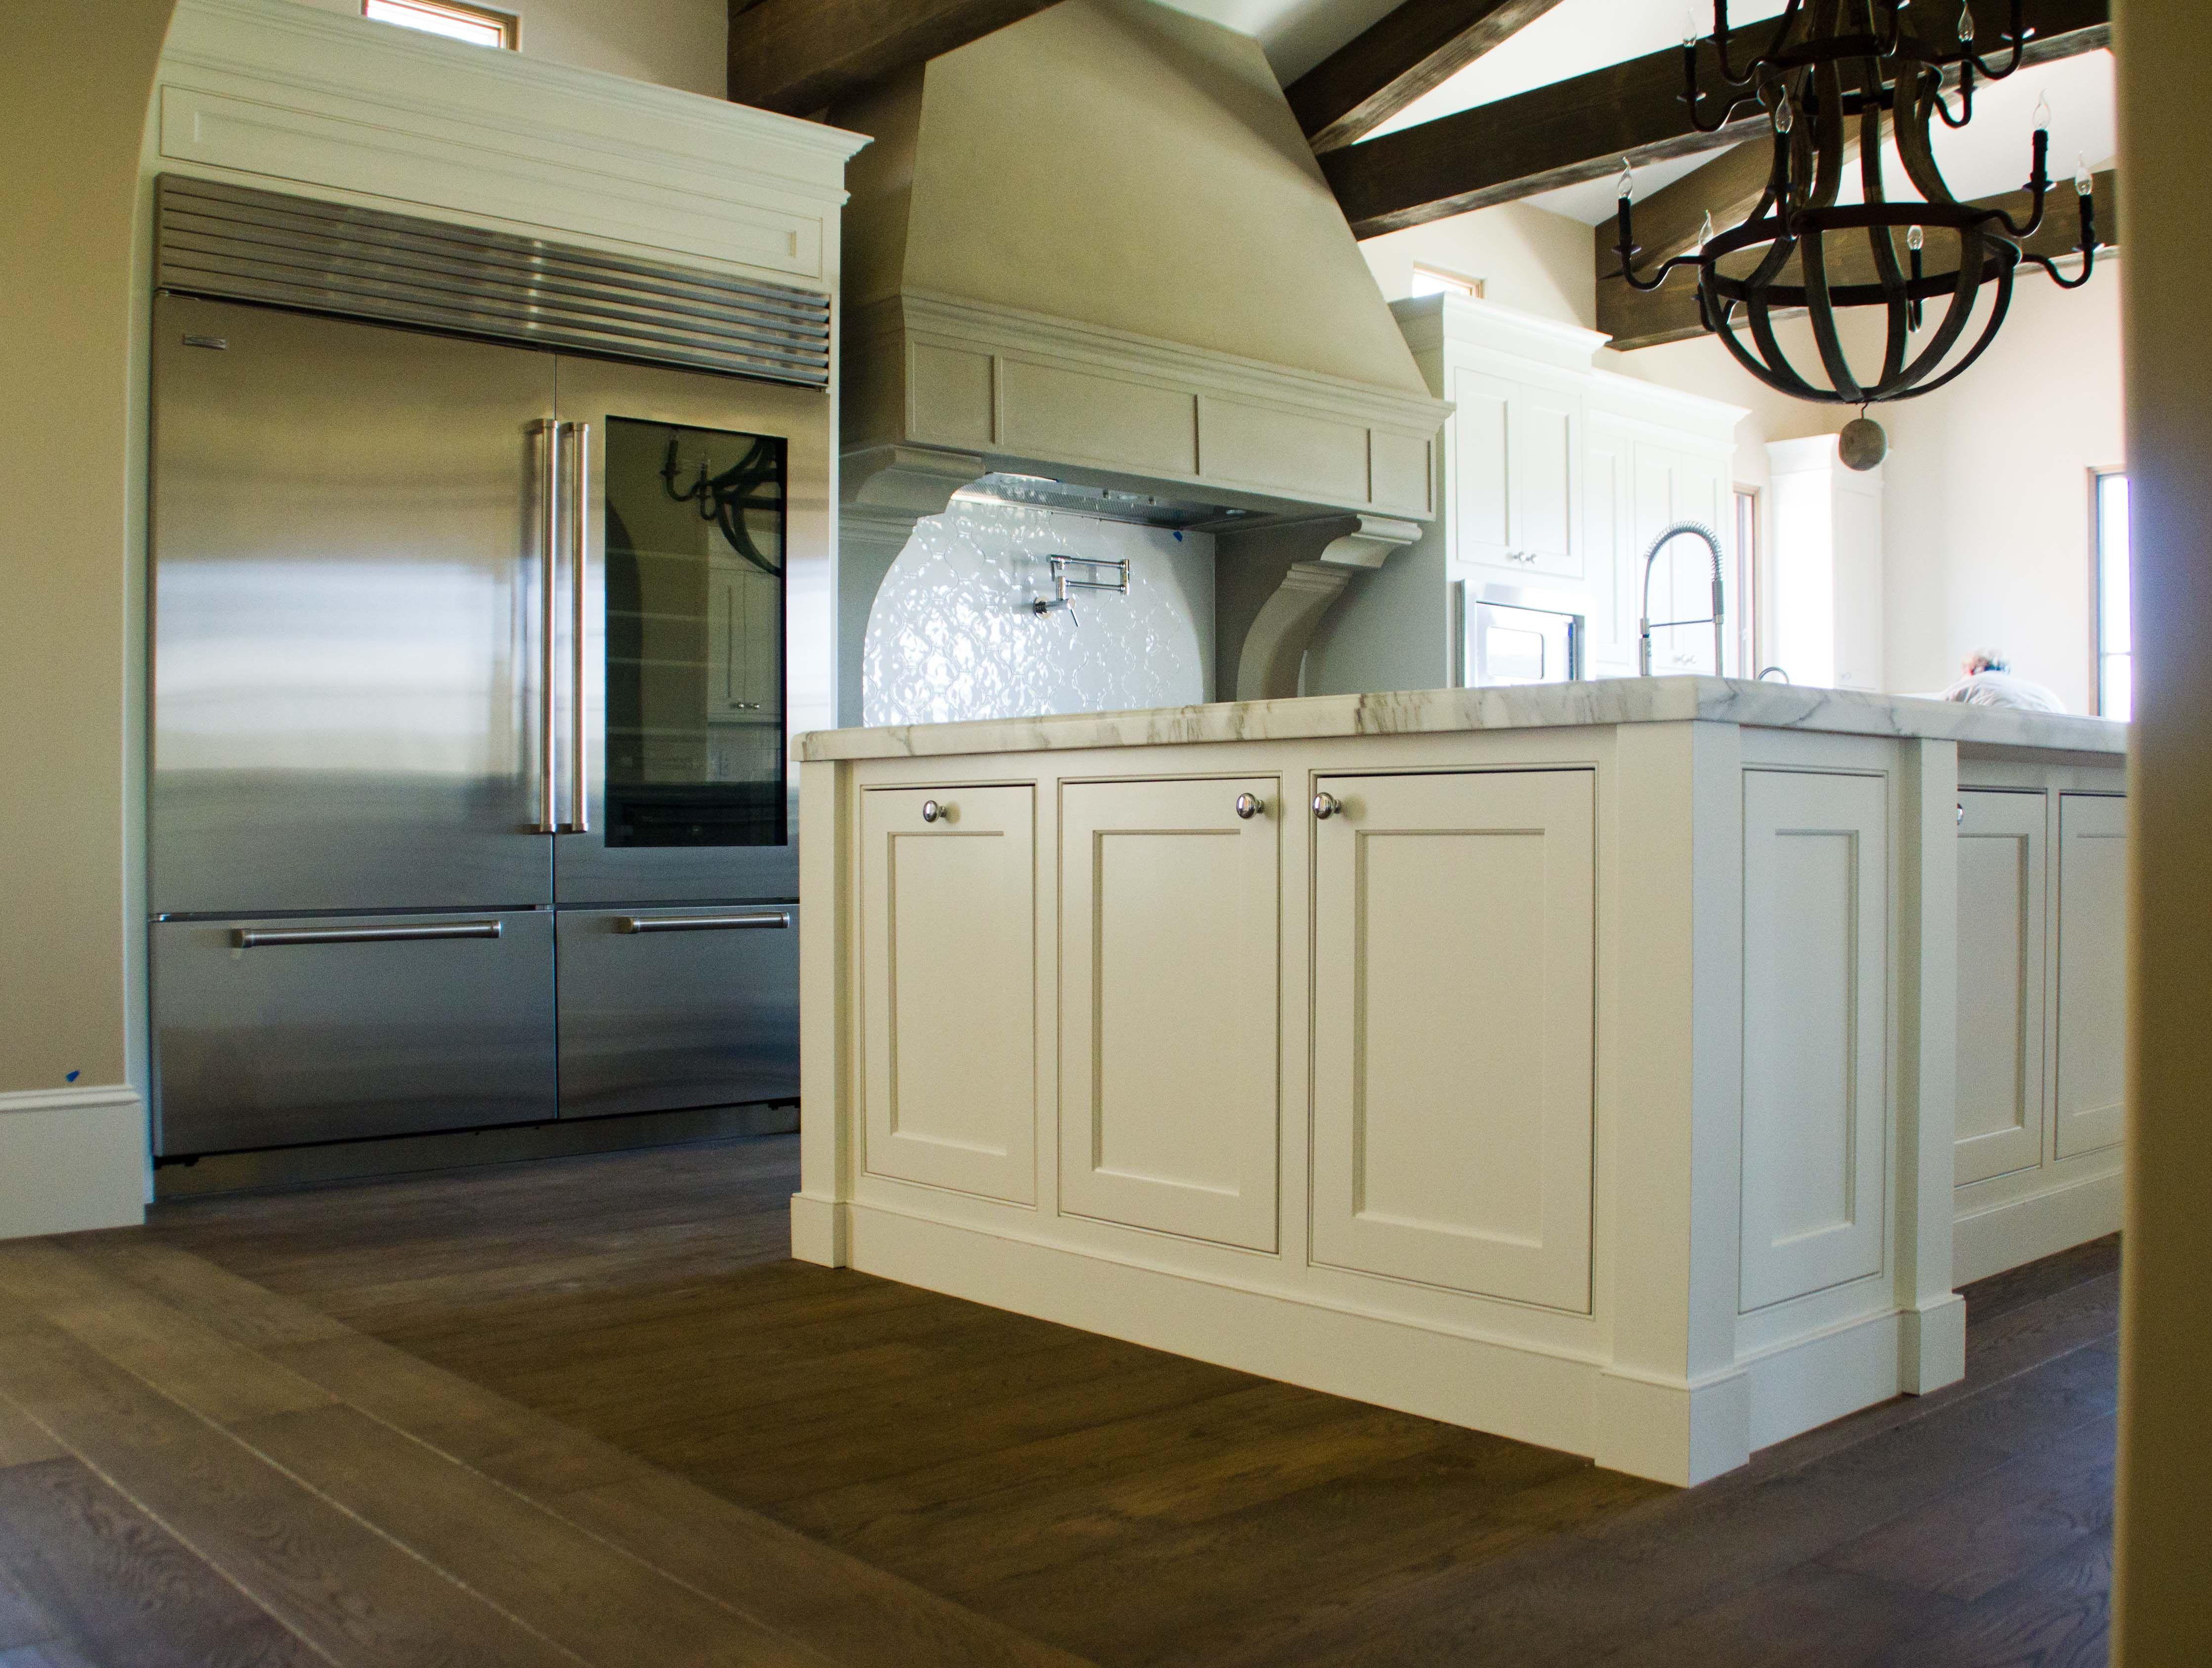 Kitchen Cabinets Without Toe Kick On 4472x3373 Beaded Flush Fit Lake Sherwood